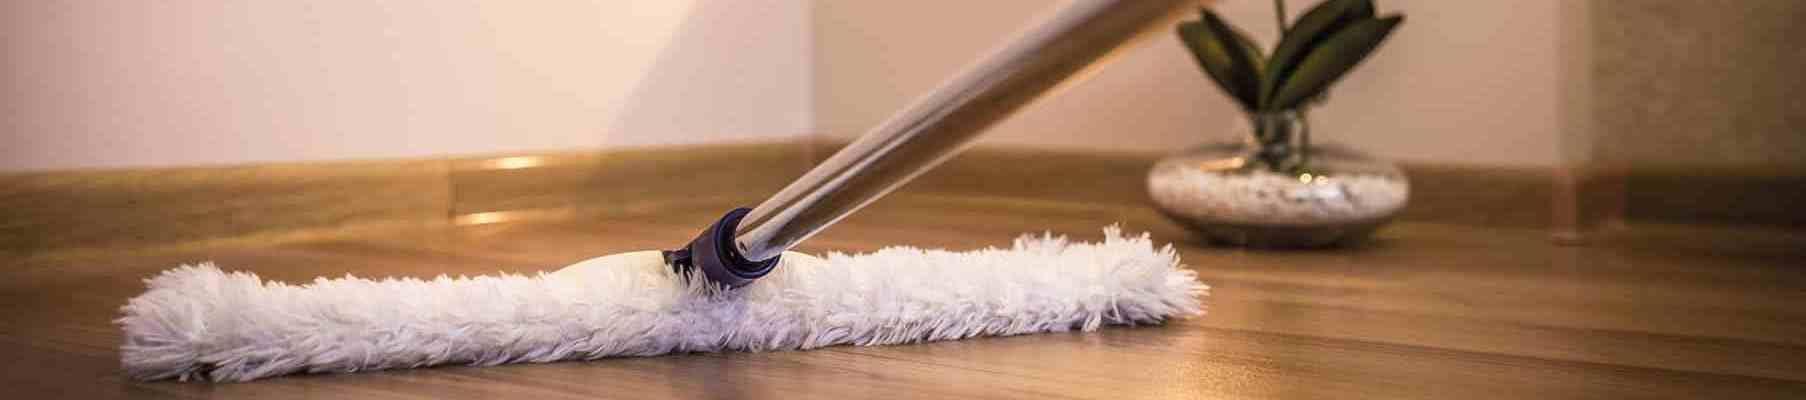 hajo-dienstleistungen-reinigung-privat-Klein